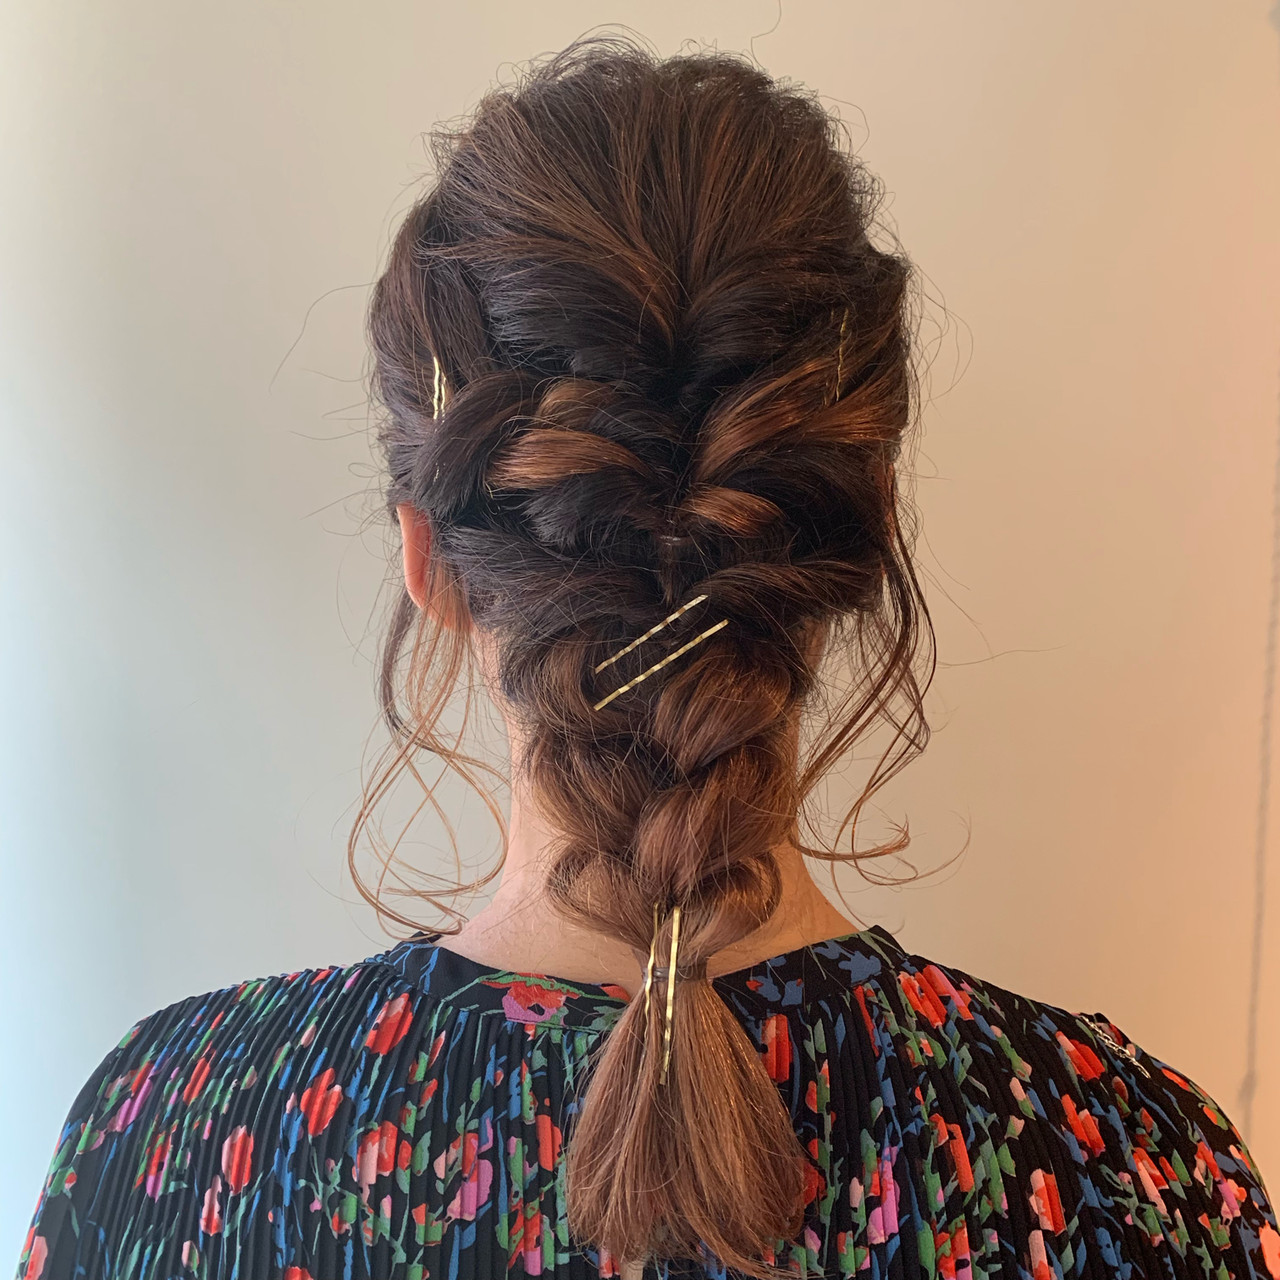 フェミニン ミディアム ヘアセット ヘアアレンジ ヘアスタイルや髪型の写真・画像 | 谷川 健太 / ROVERSI